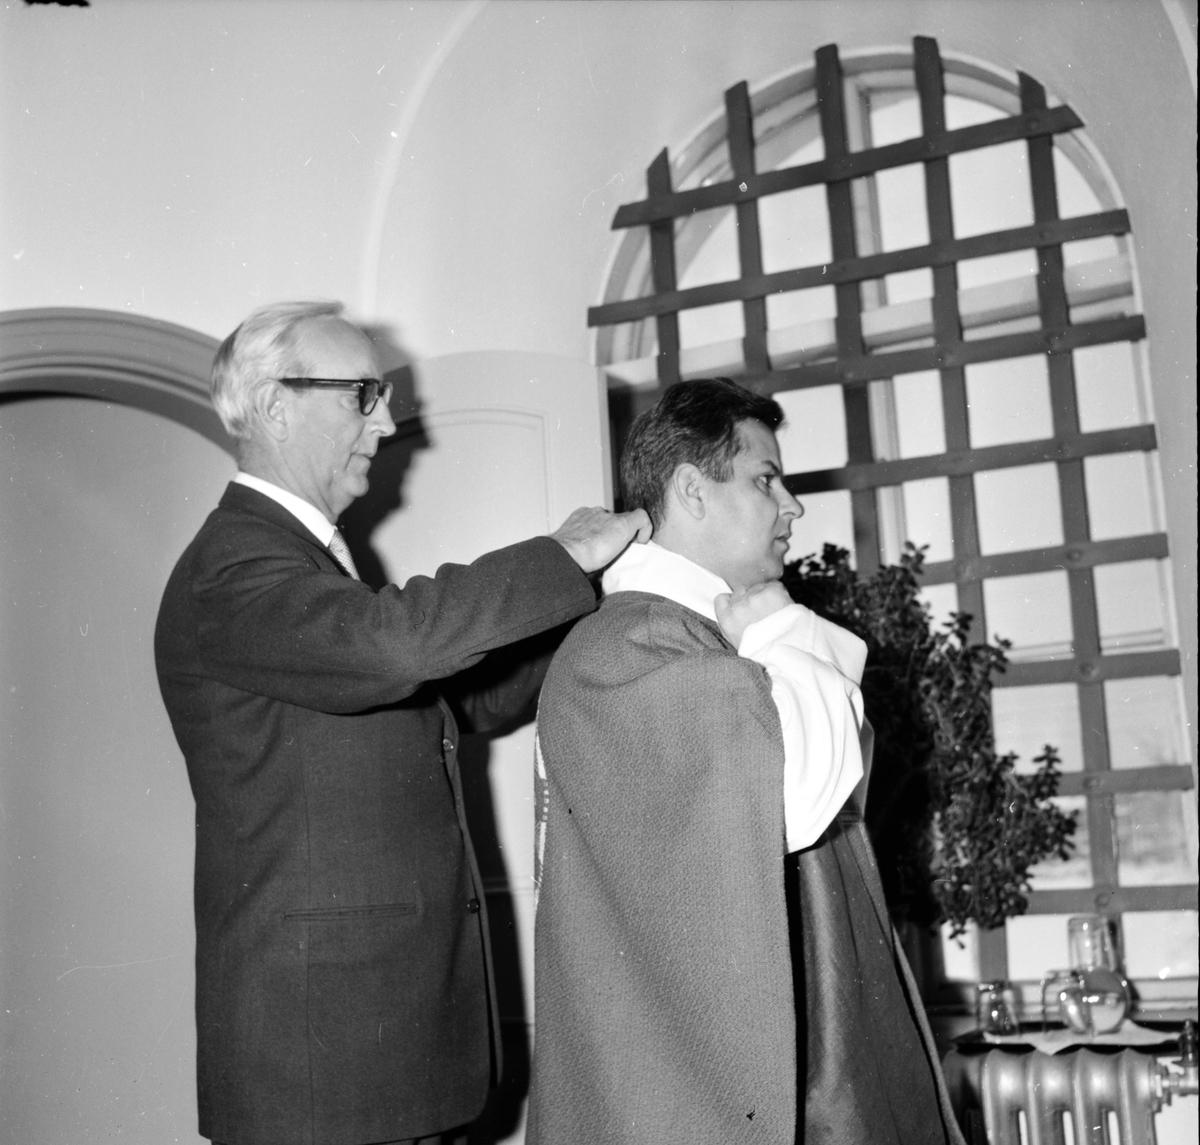 Backman Olle, Avskedspredikar, 5 December 1965